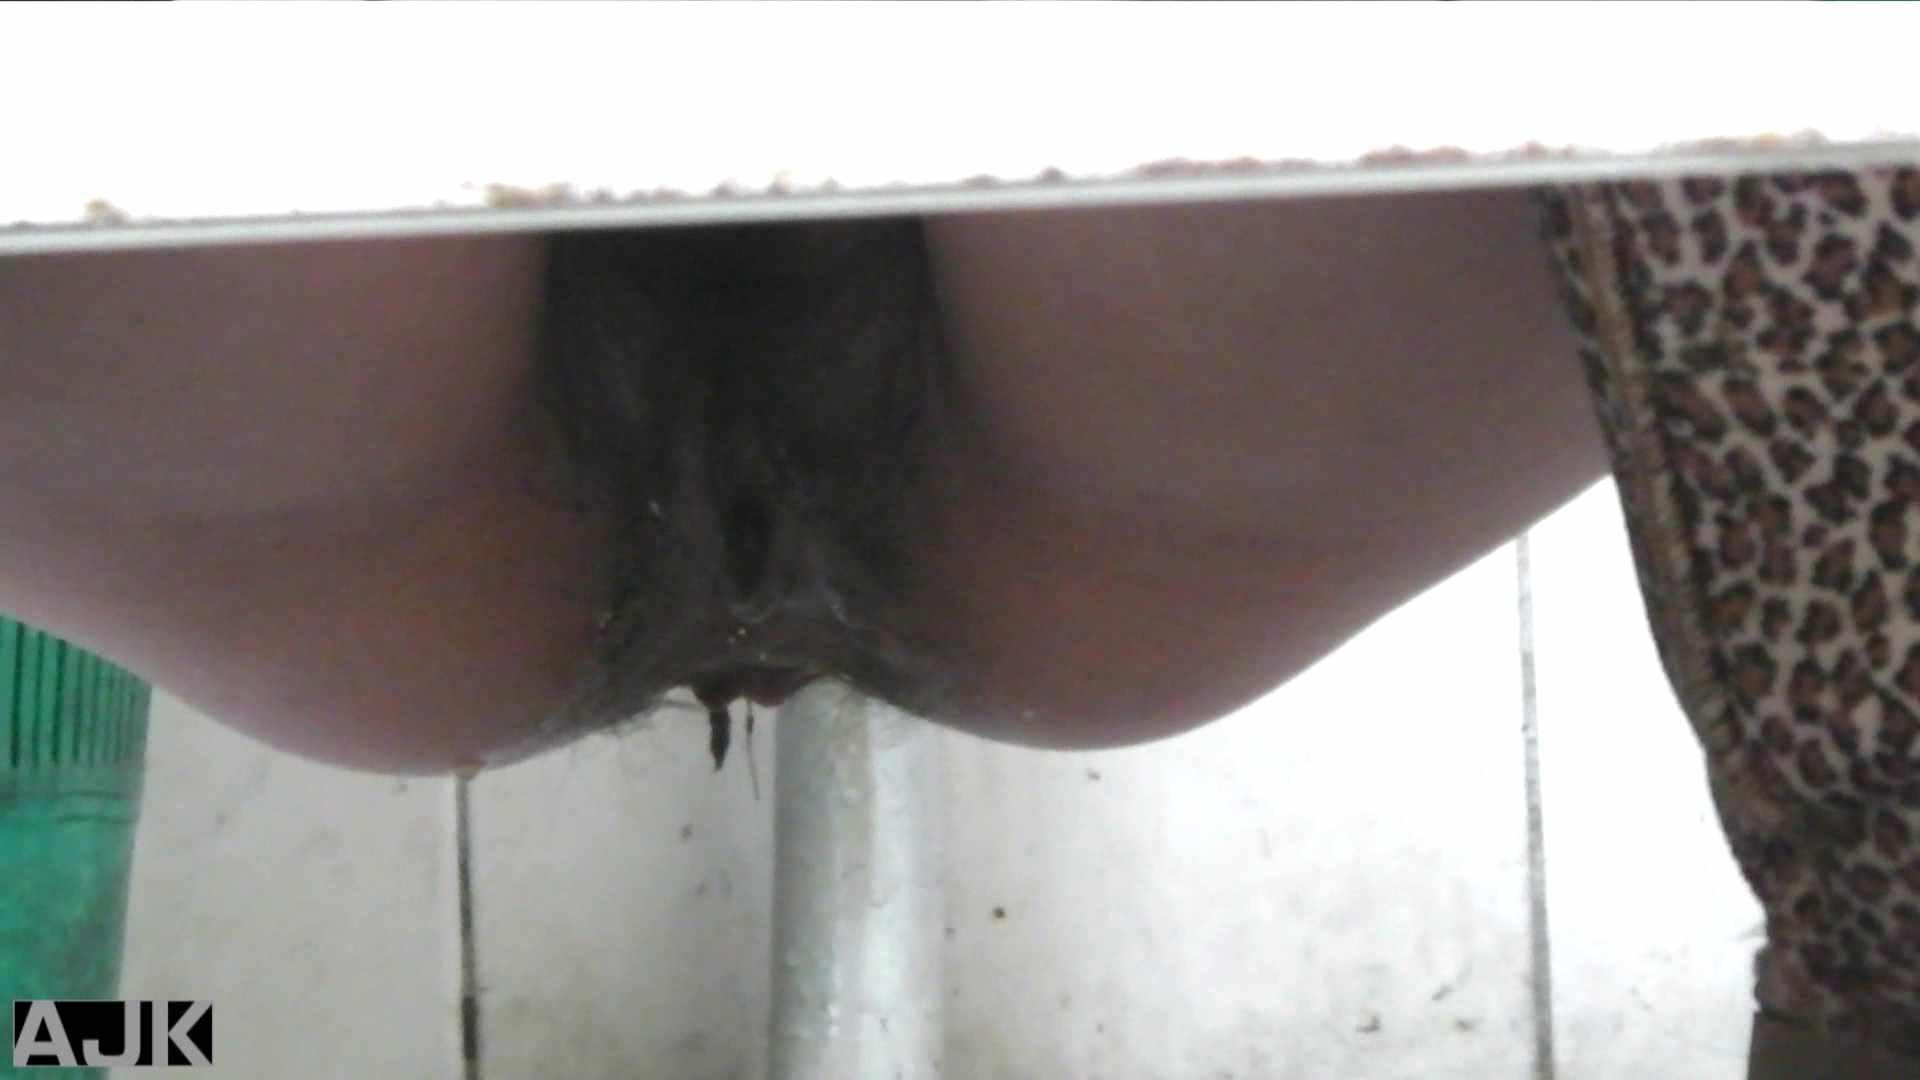 隣国上階級エリアの令嬢たちが集うデパートお手洗い Vol.07 女子トイレの中 濡れ場動画紹介 53画像 9